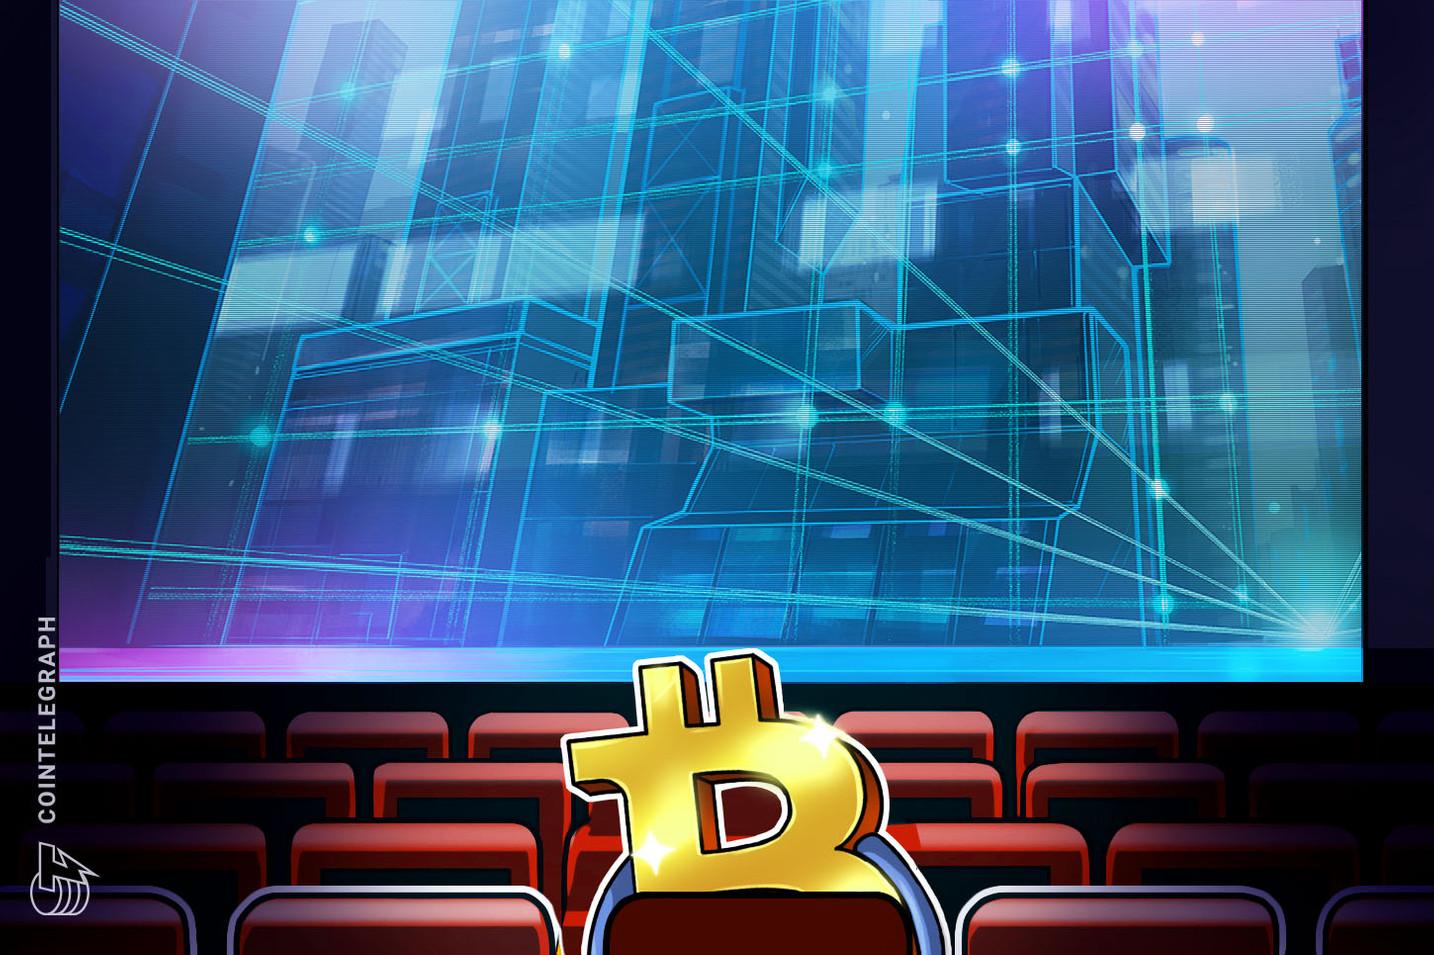 美国影院运营商AMC计划在2022年前接受BTC